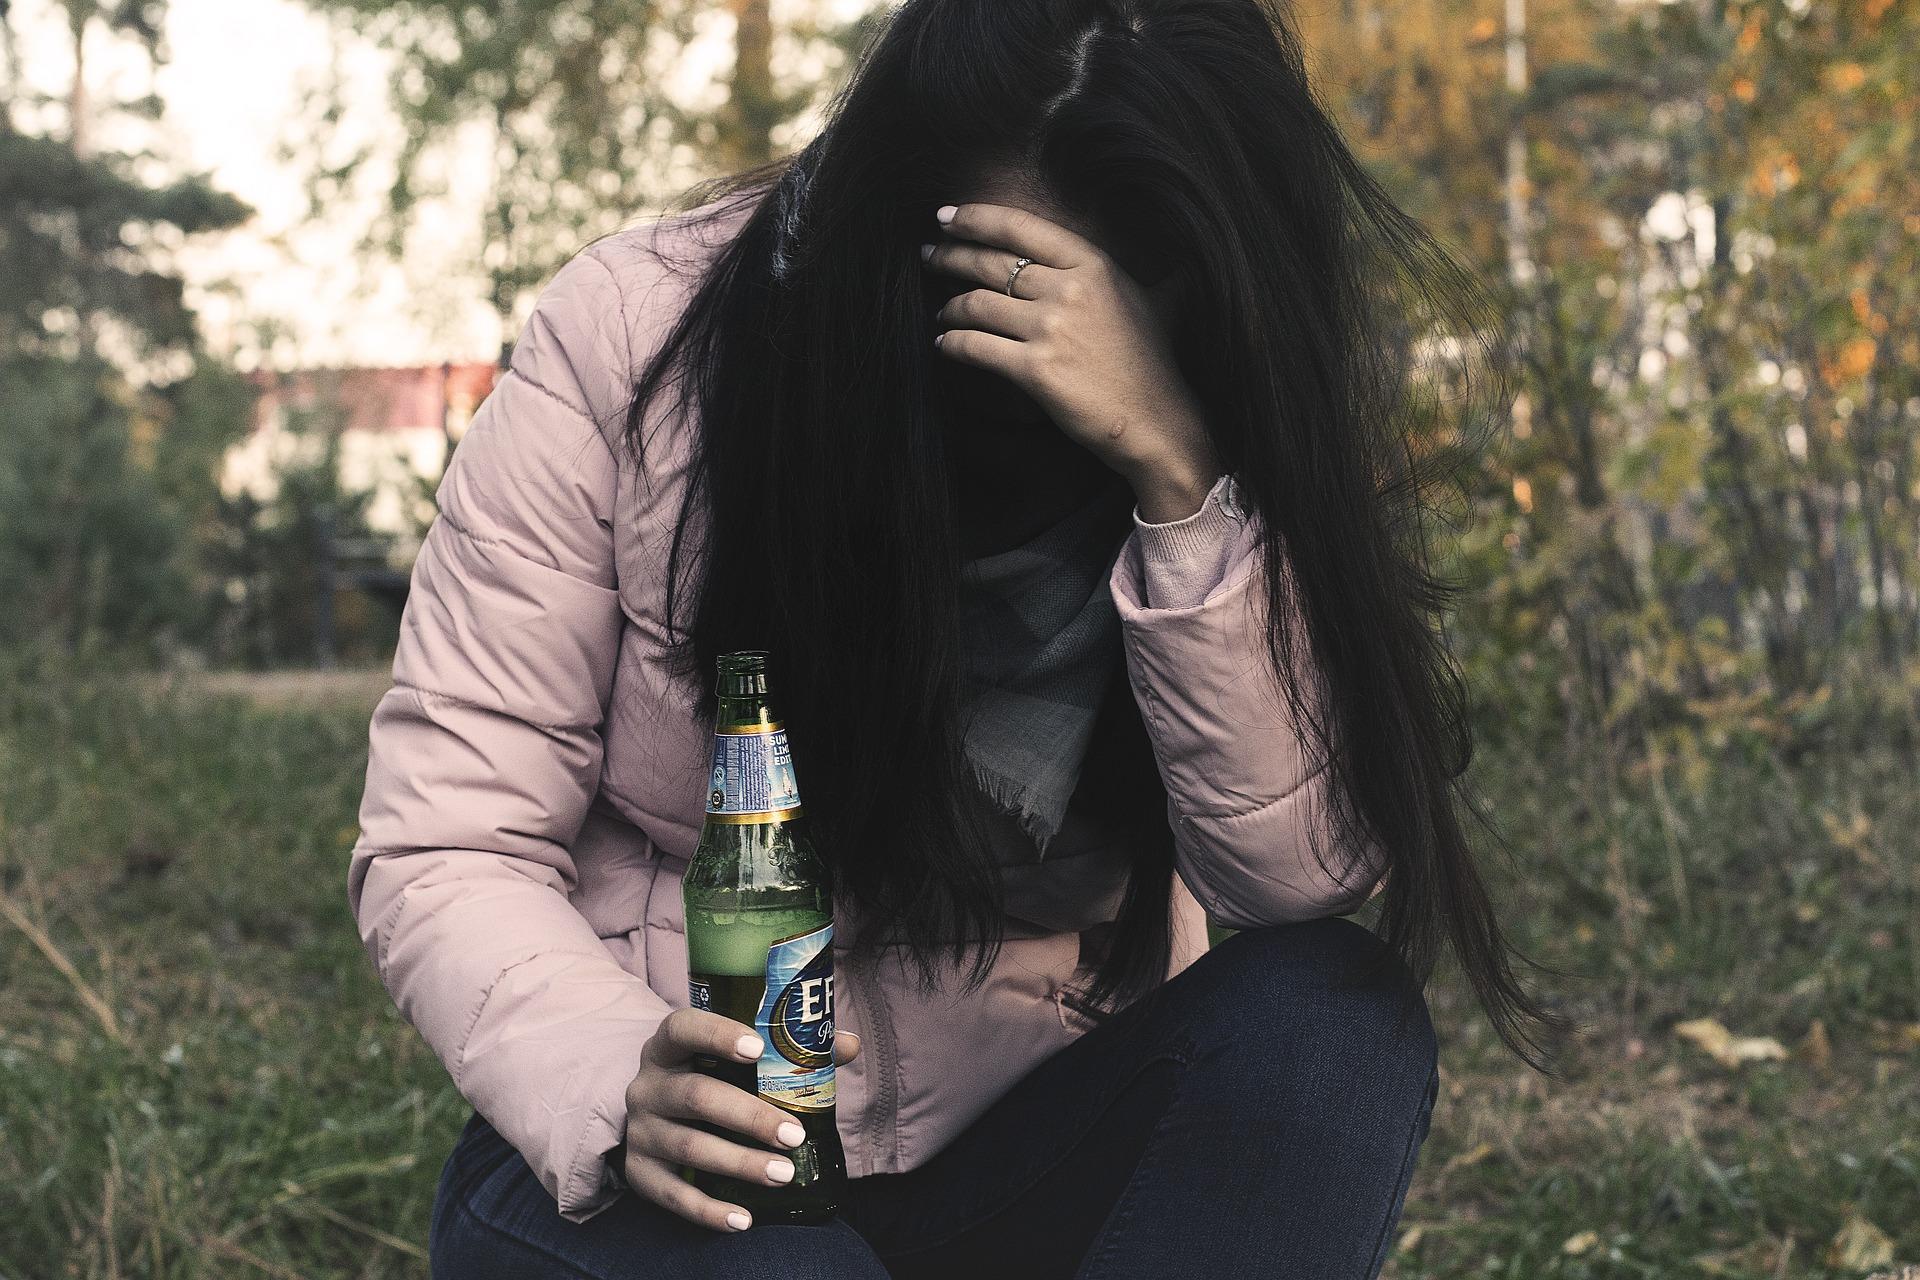 Picie ryzykowne a picie szkodliwe